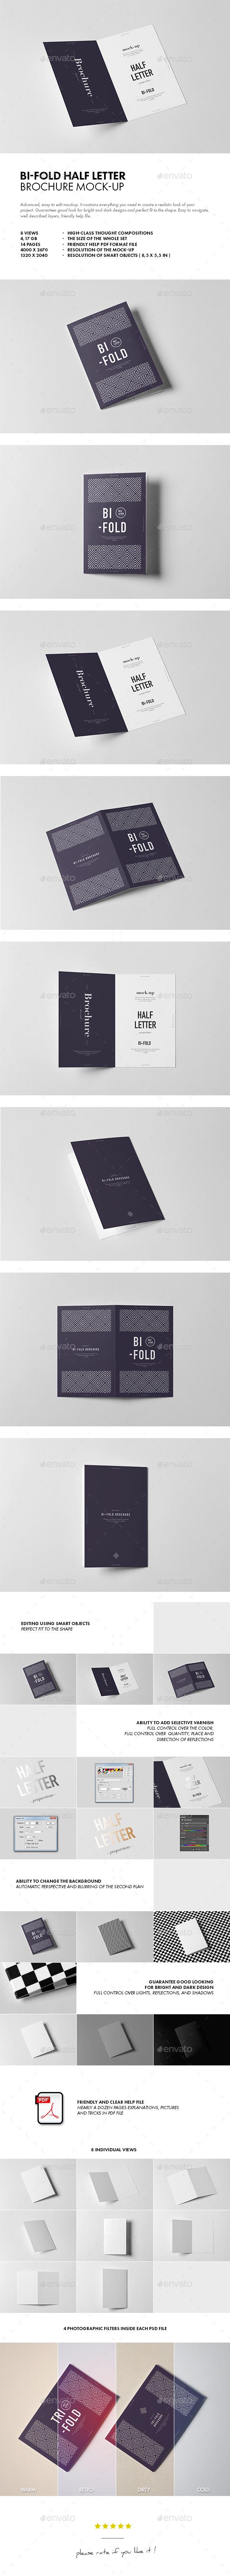 Bi-Fold Half Letter Brochure Mock-up - Brochures Print